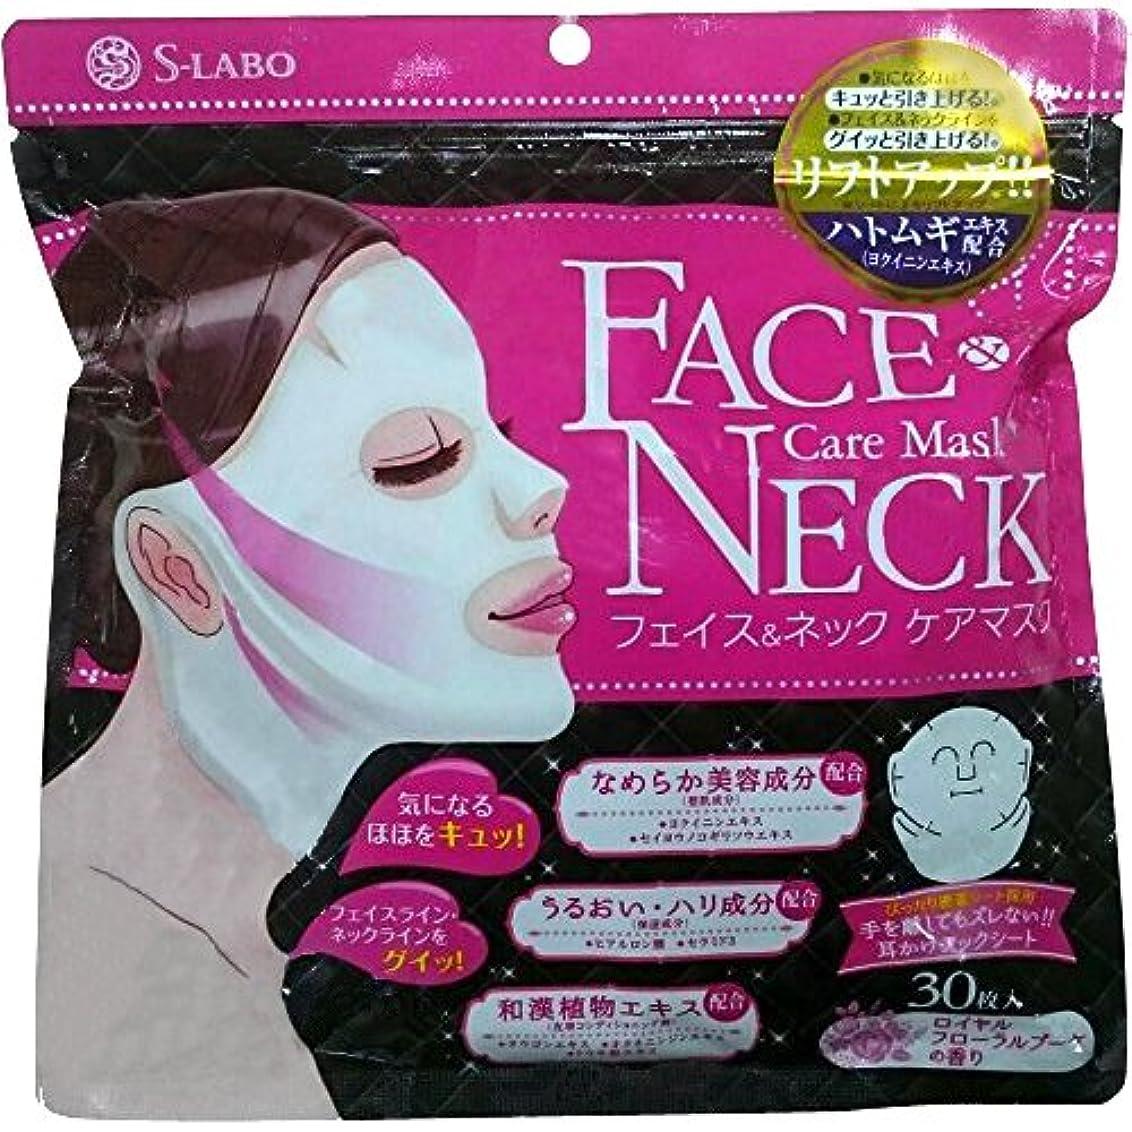 パーツ柱設計S-LABO フェイス & ネックケアマスク (30枚入)